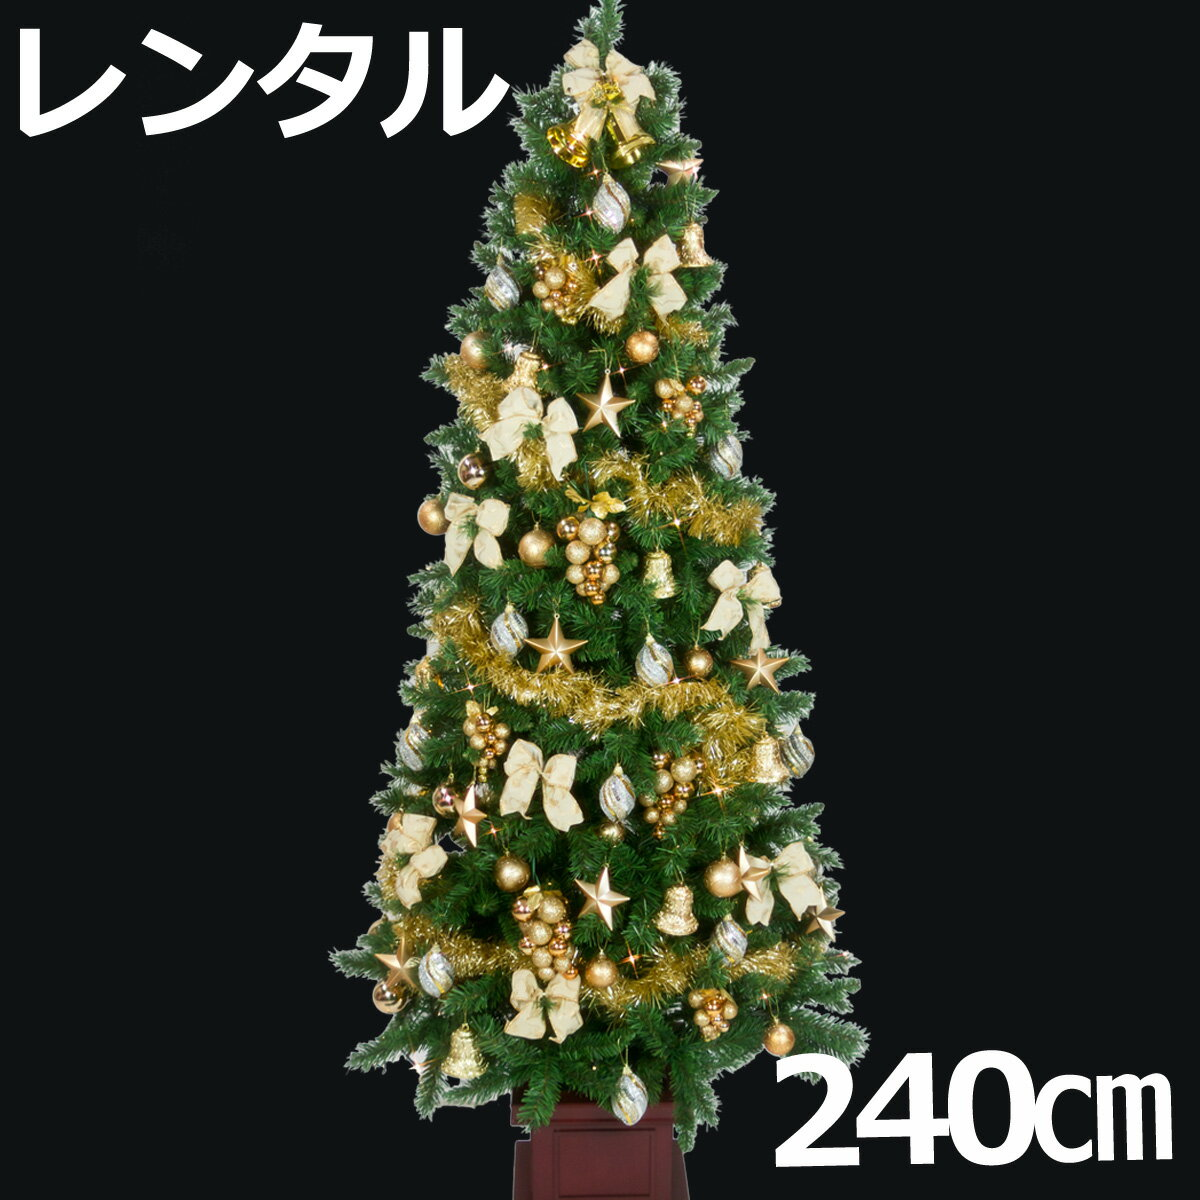 【レンタル】 クリスマスツリー セット 240cm 木製ポット付 ゴールド&アイボリー スリムタイプ 【往復 送料無料】 クリスマスツリー レンタル fy16REN07